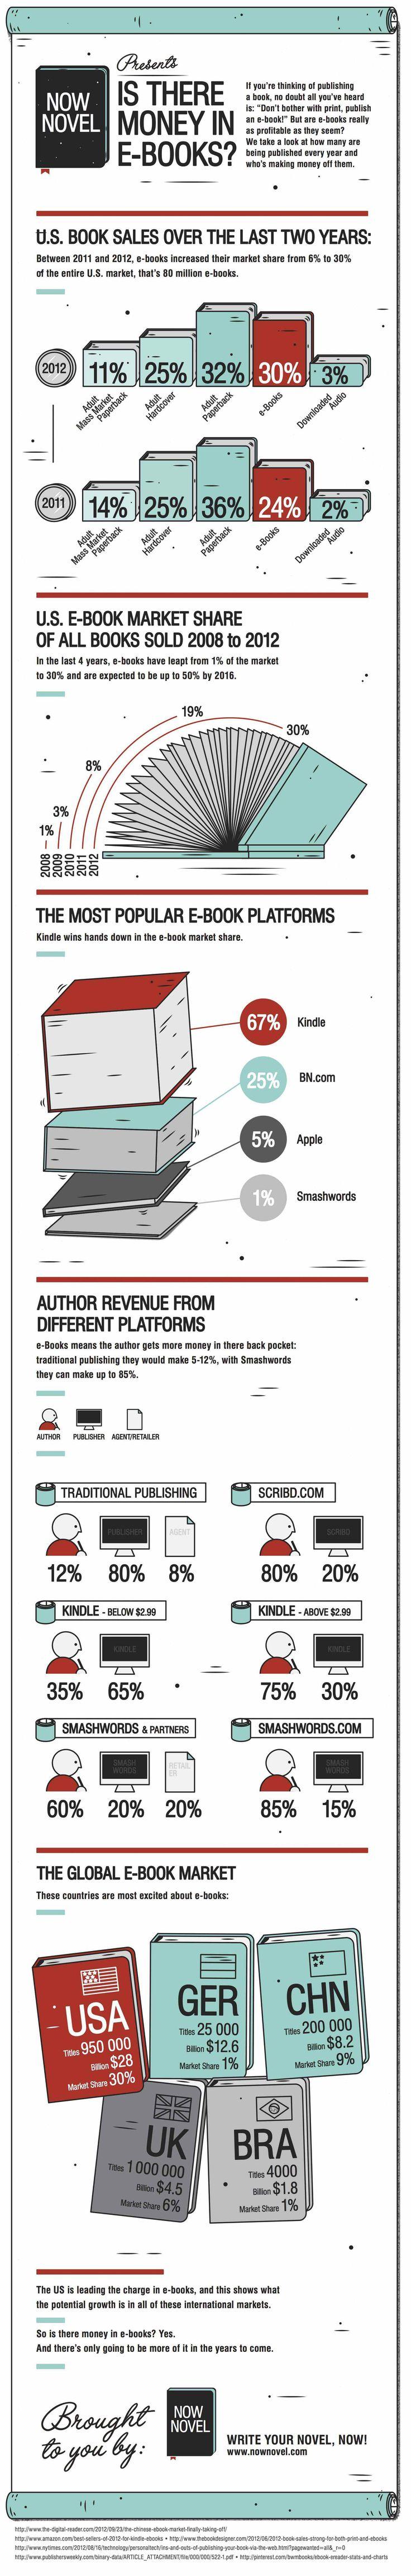 Is there money in eBooks? http://www.nownovel.com/blog/wp-content/uploads/2013/04/NowNovel_eBook13.jpg